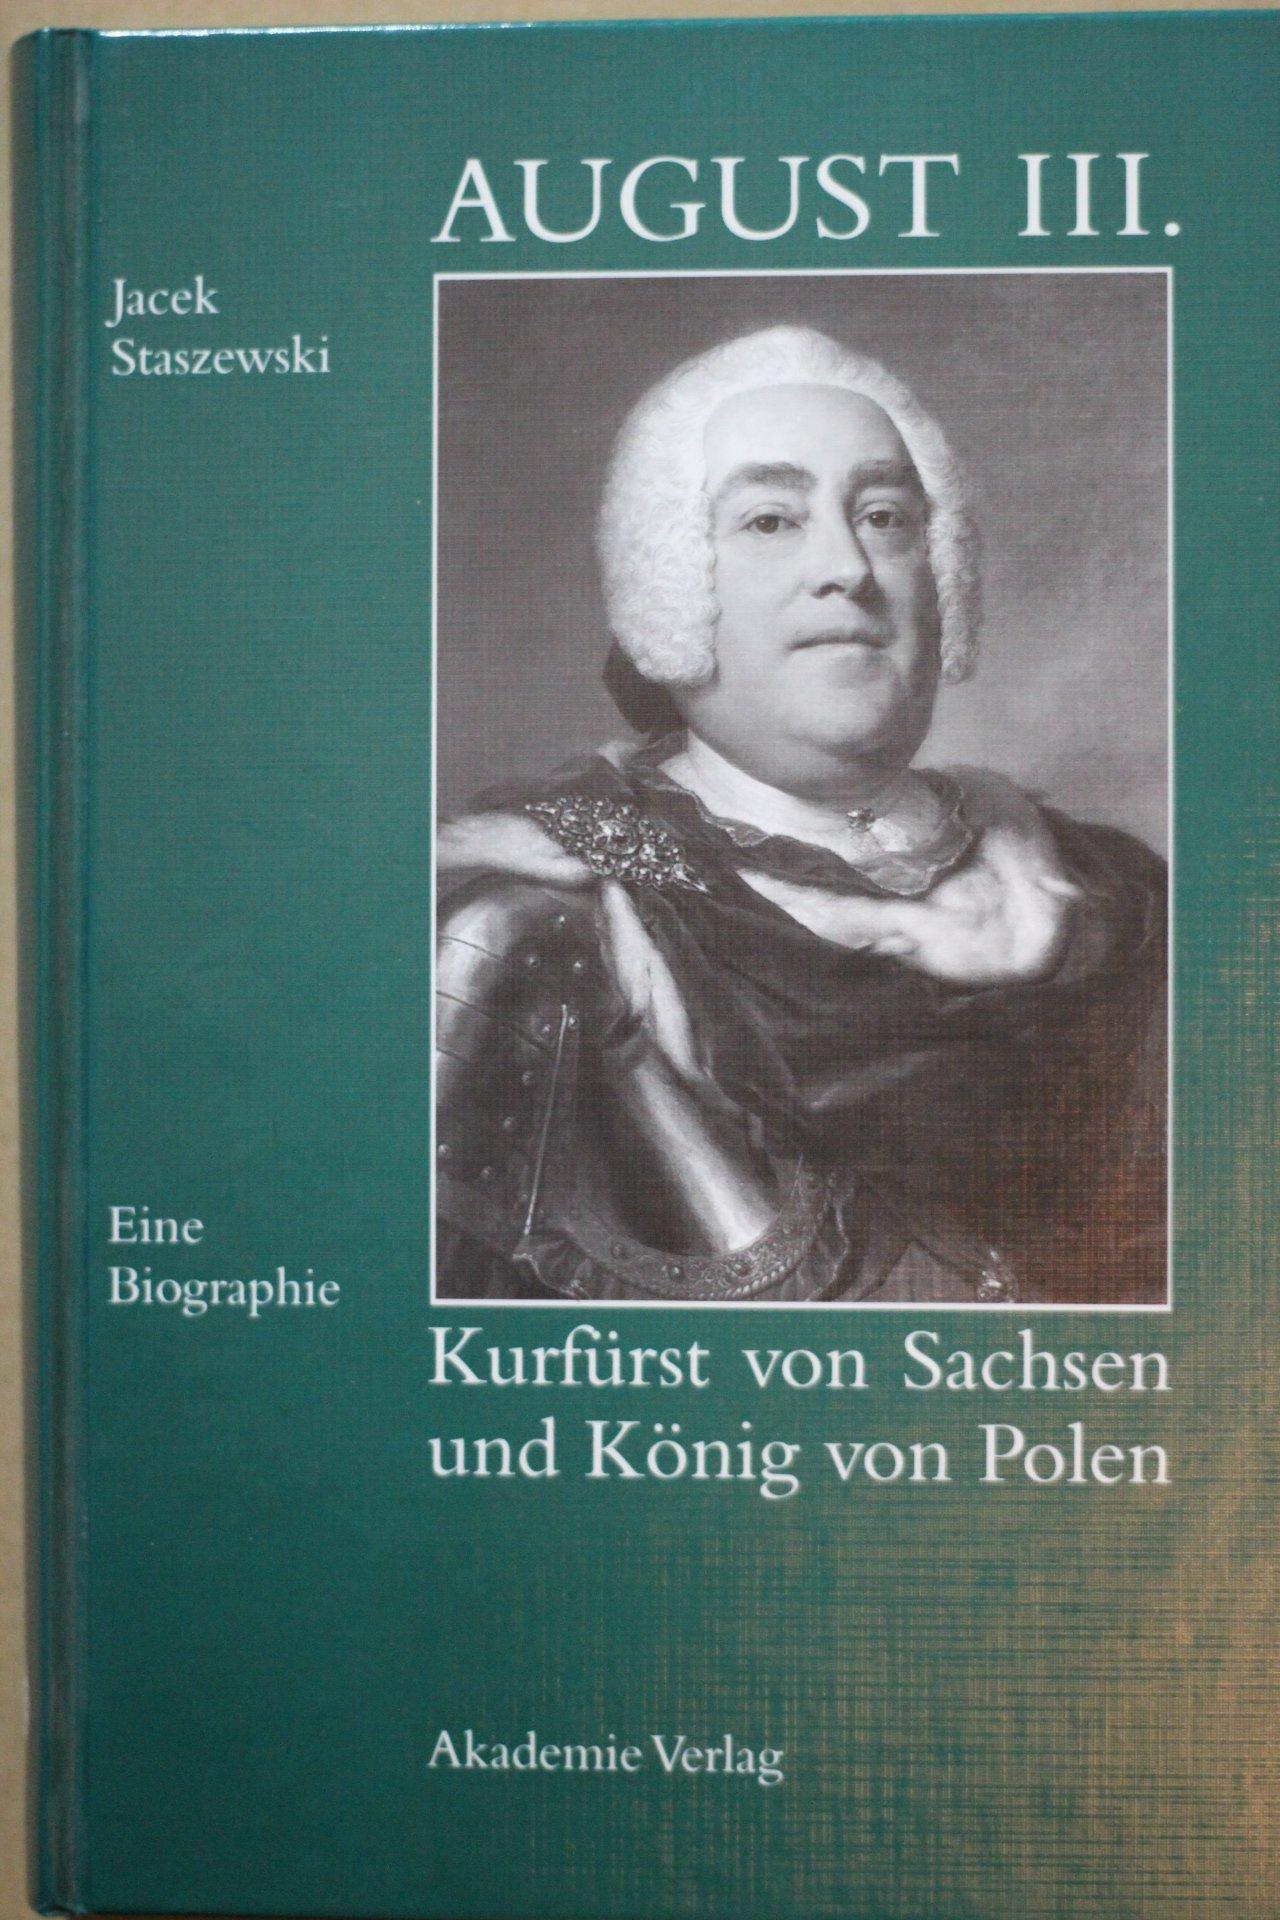 August III. Kurfürst von Sachsen und König von Polen